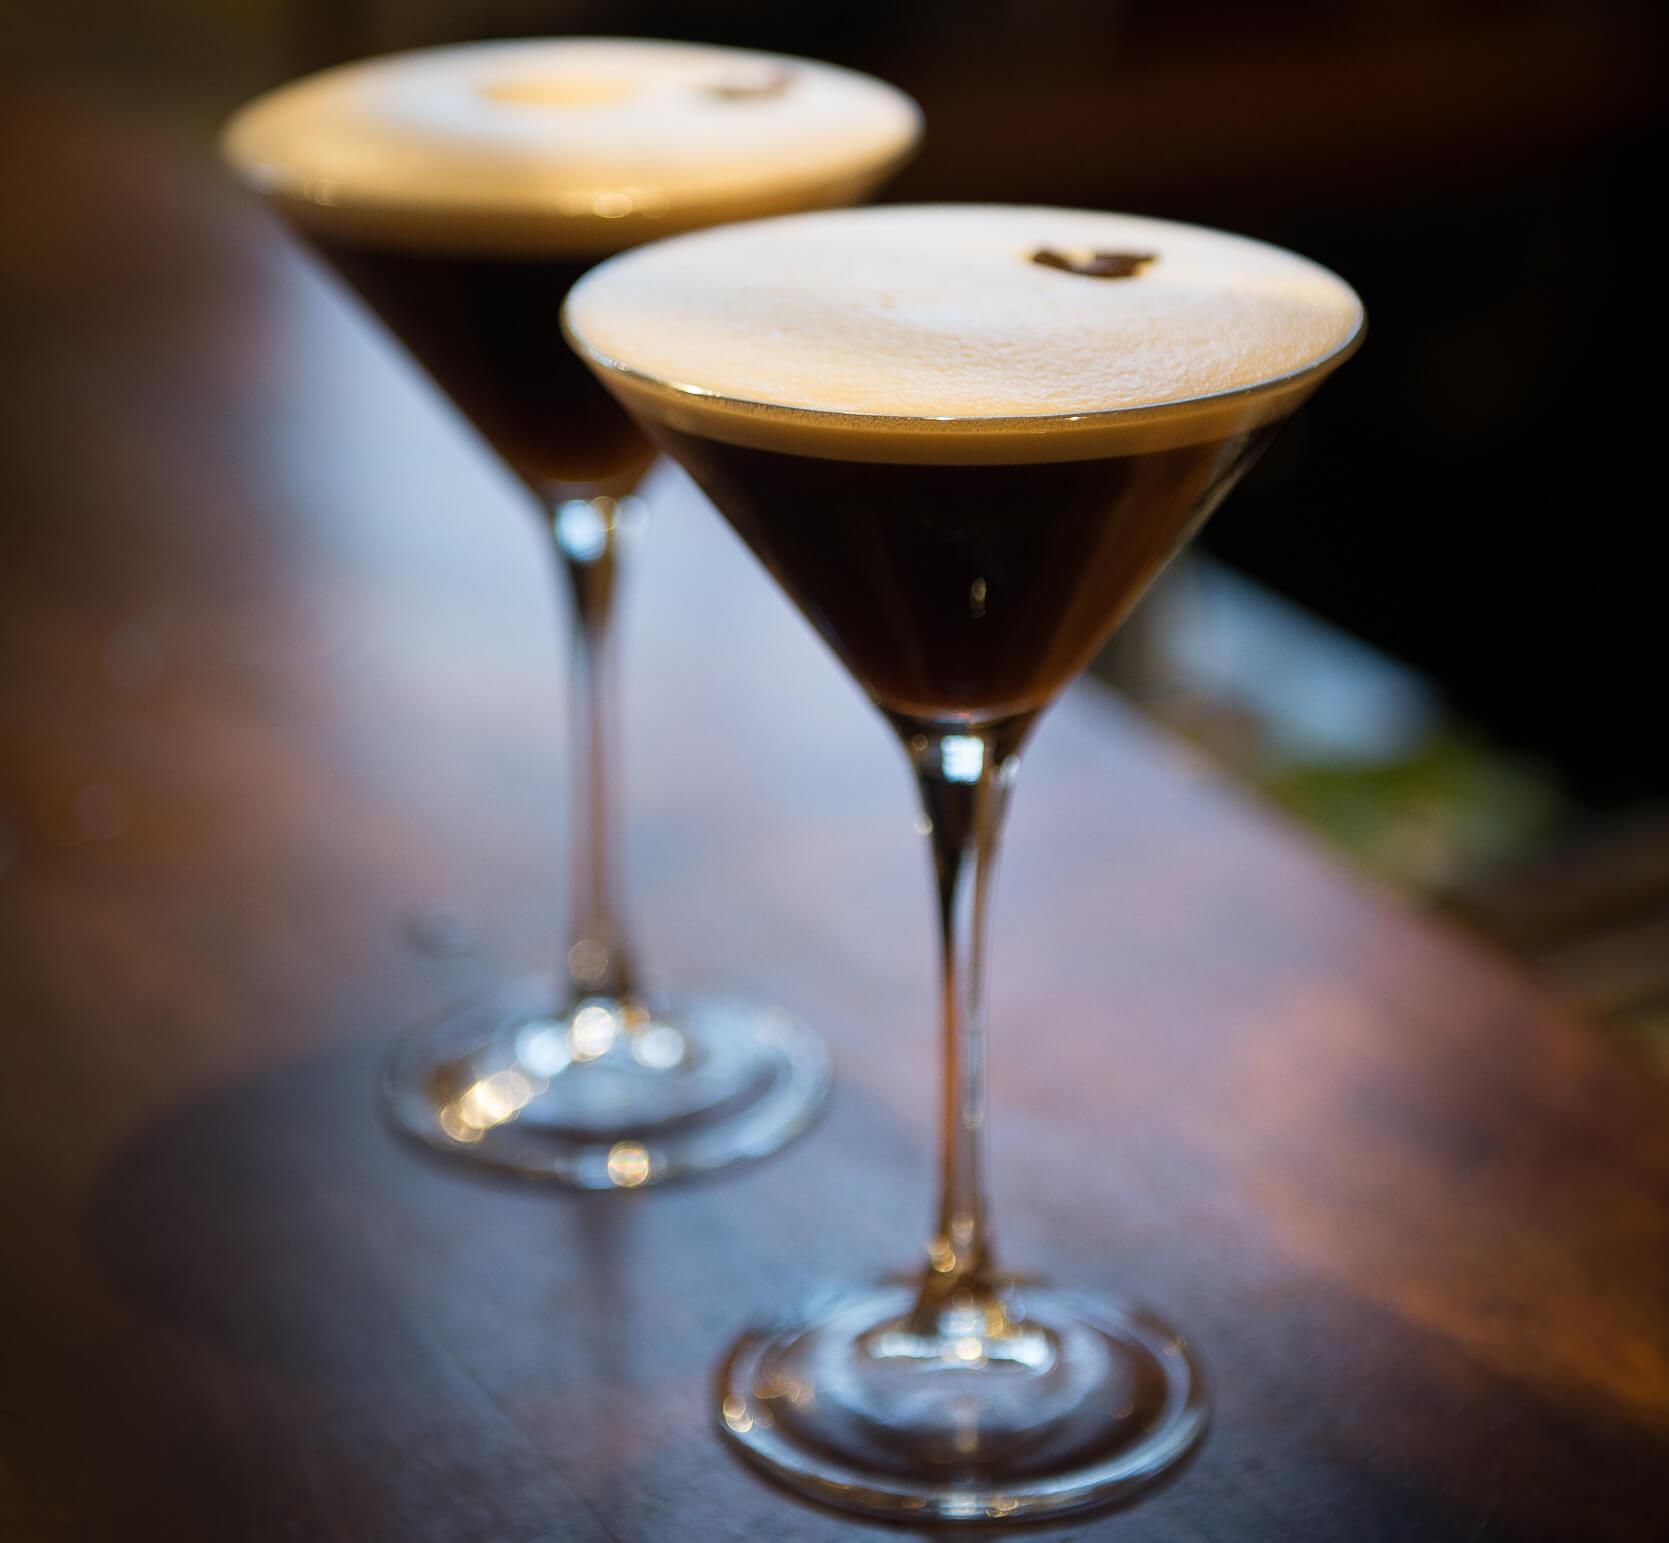 The Espresso Martini - A History